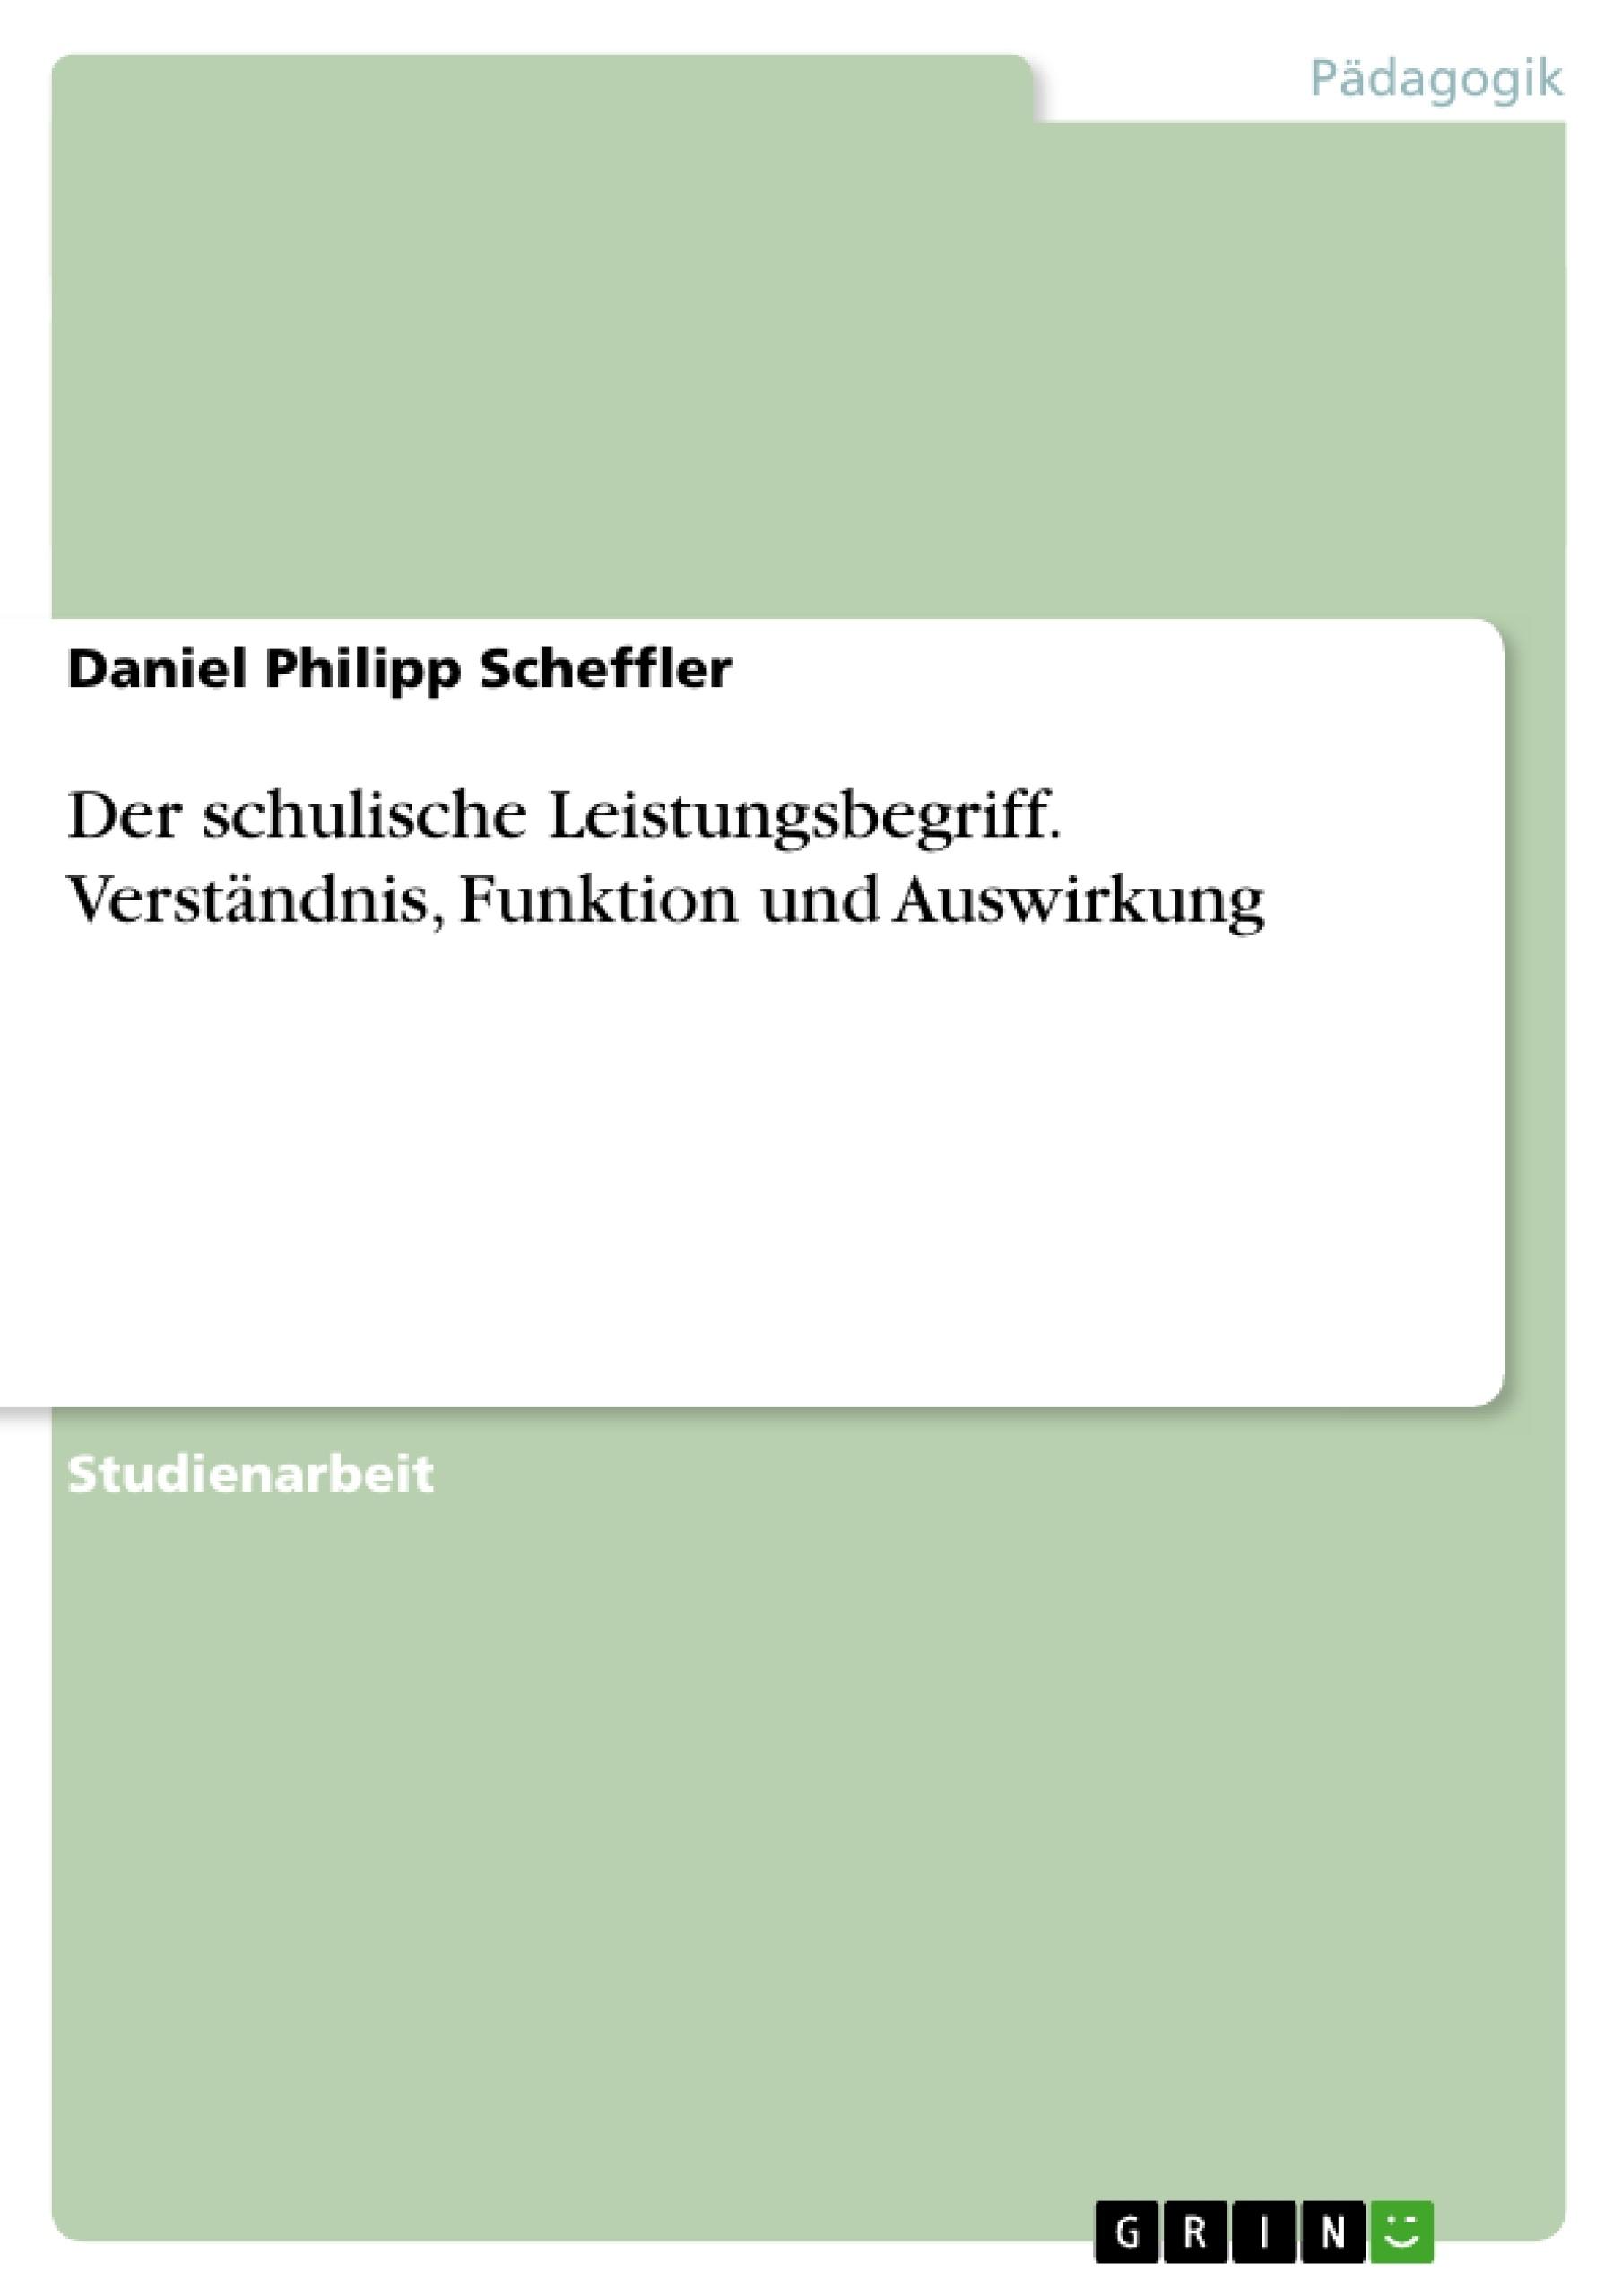 Titel: Der schulische Leistungsbegriff. Verständnis, Funktion und Auswirkung